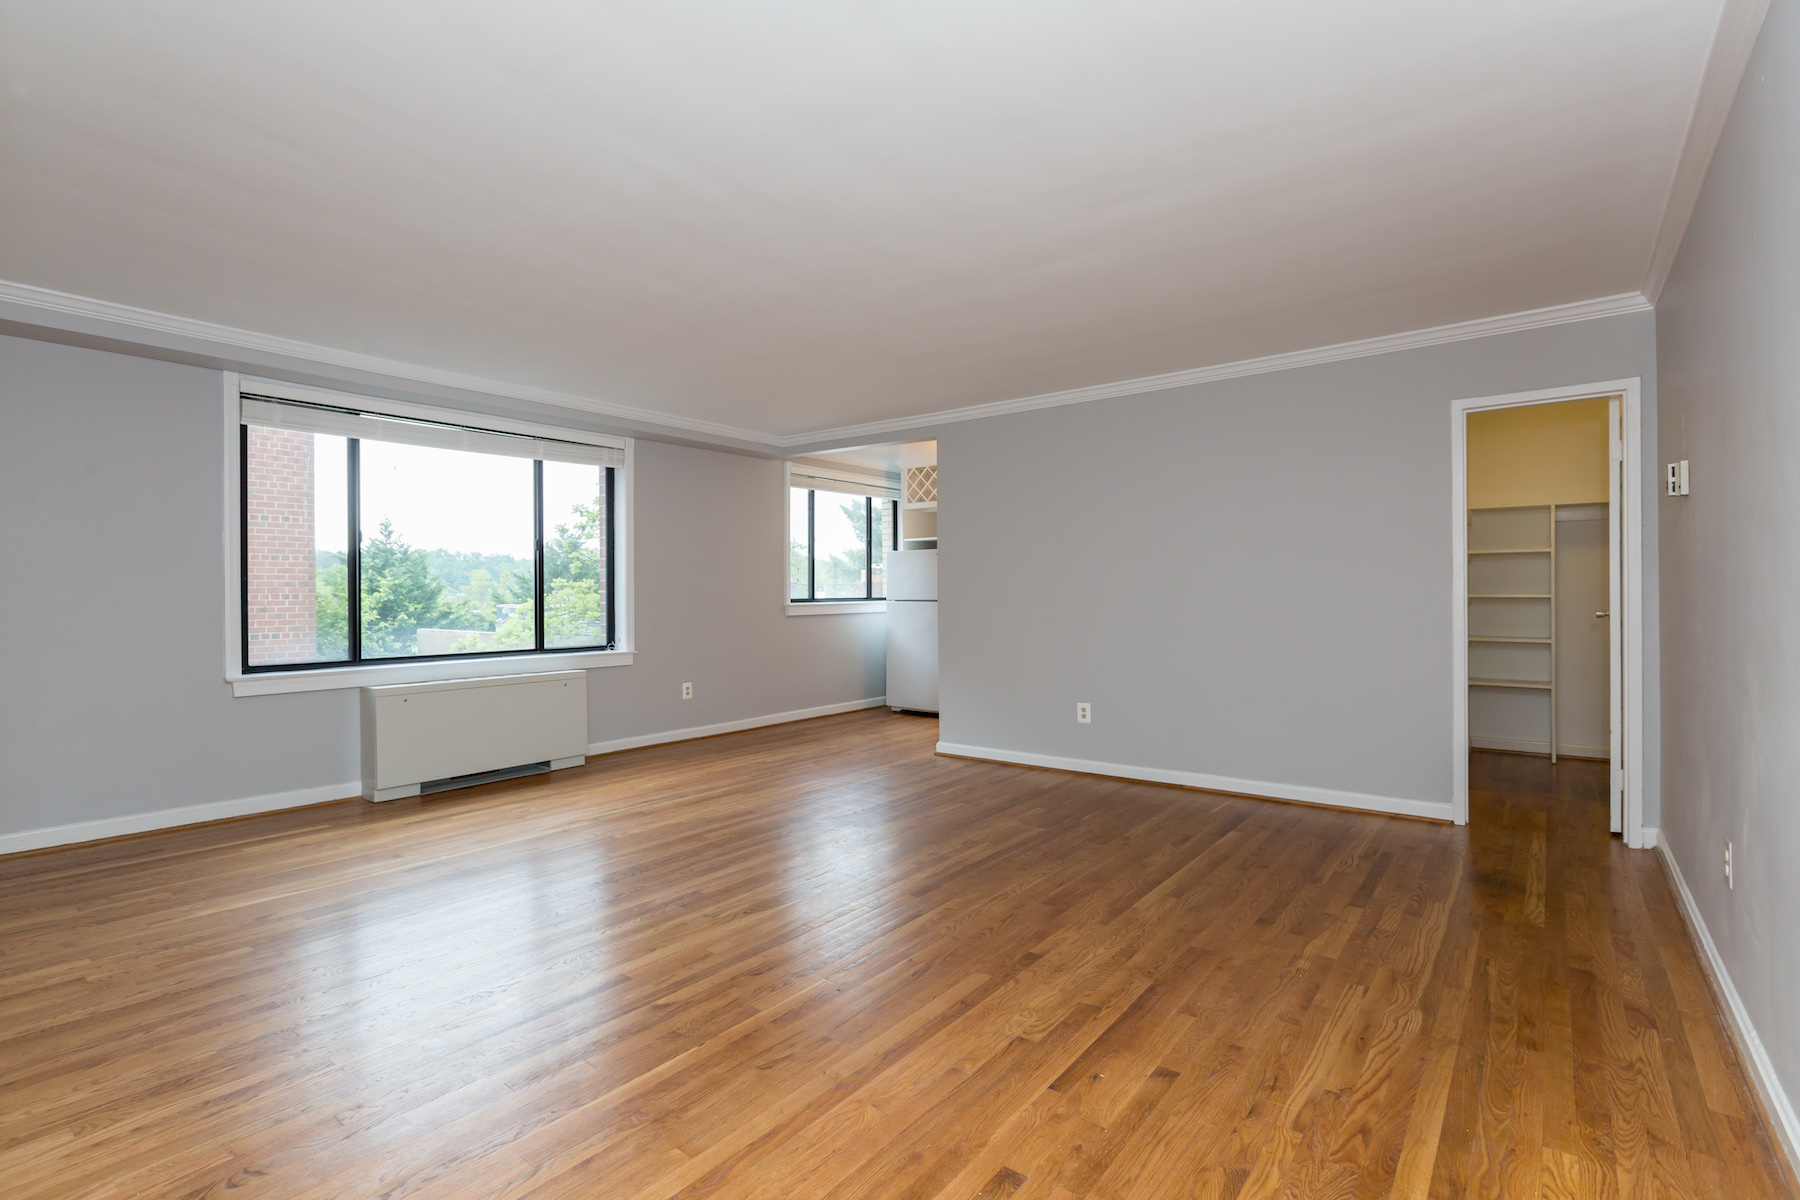 Condominio por un Venta en 5112 MacArthur Blvd #201 5112 Macarthur Blvd 201 Palisades, Washington, Distrito De Columbia, 20016 Estados Unidos